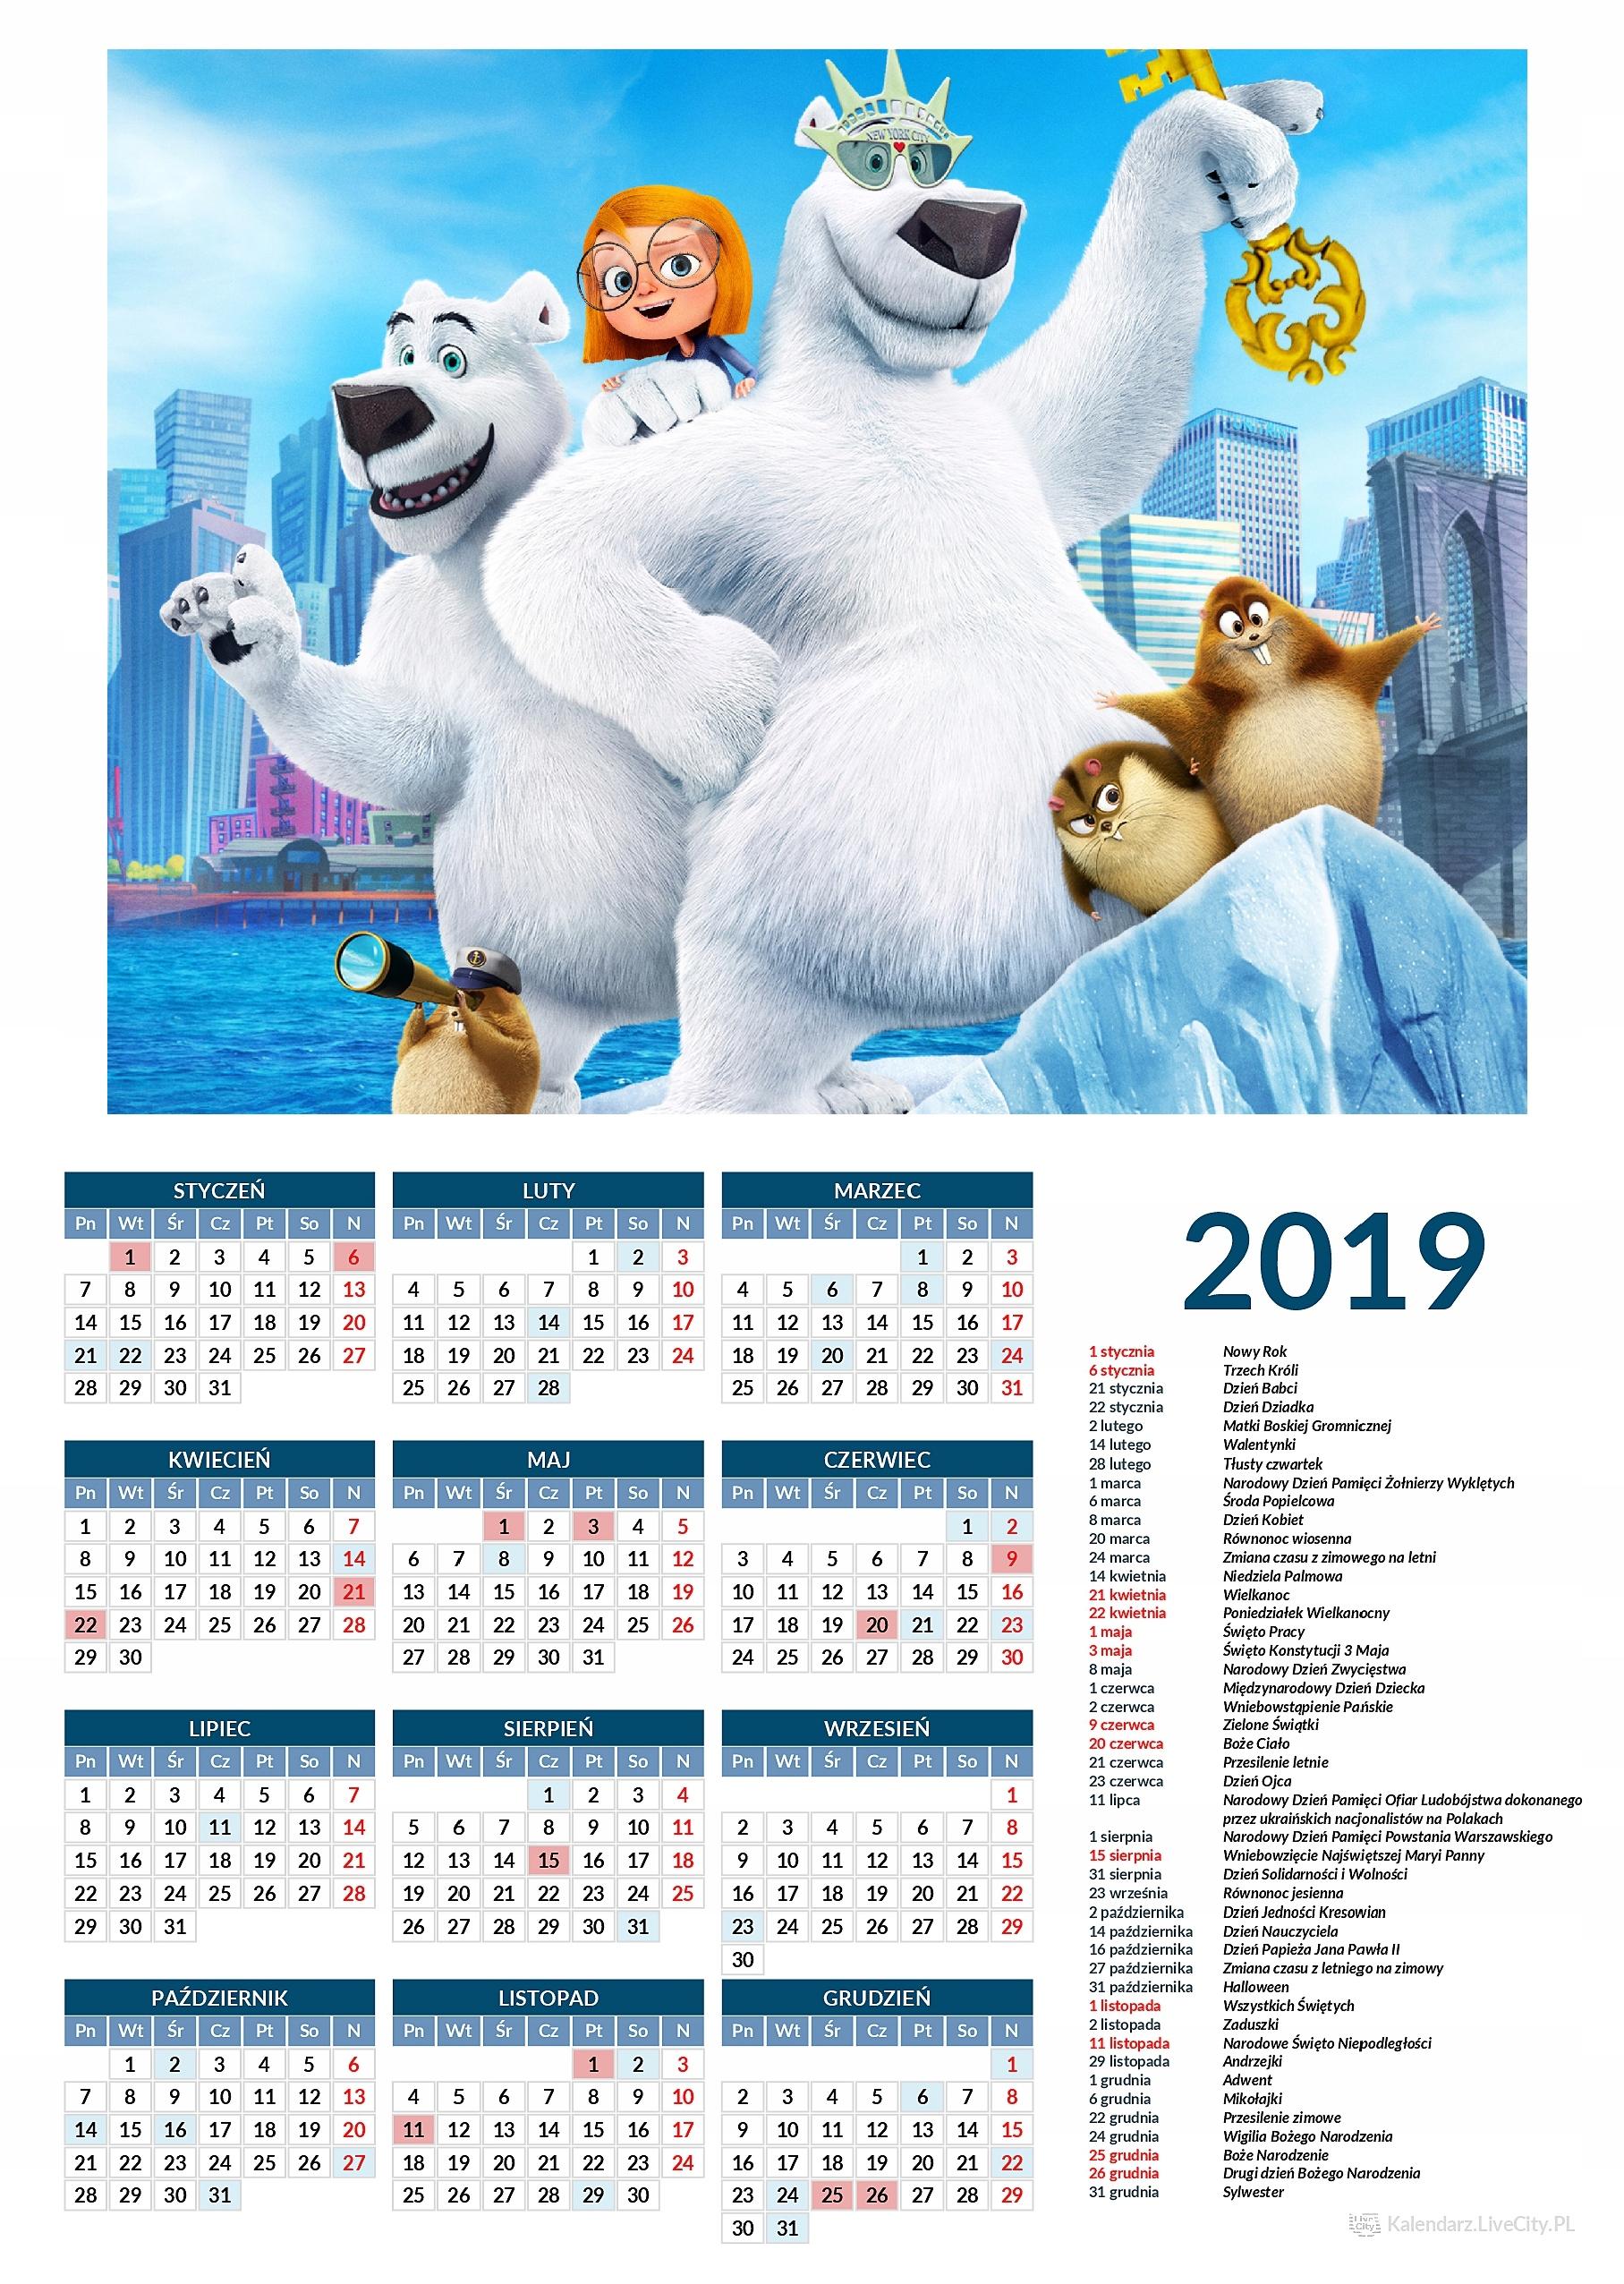 Kalendarz 2019 film miśków 2-óch w nowym Jorku